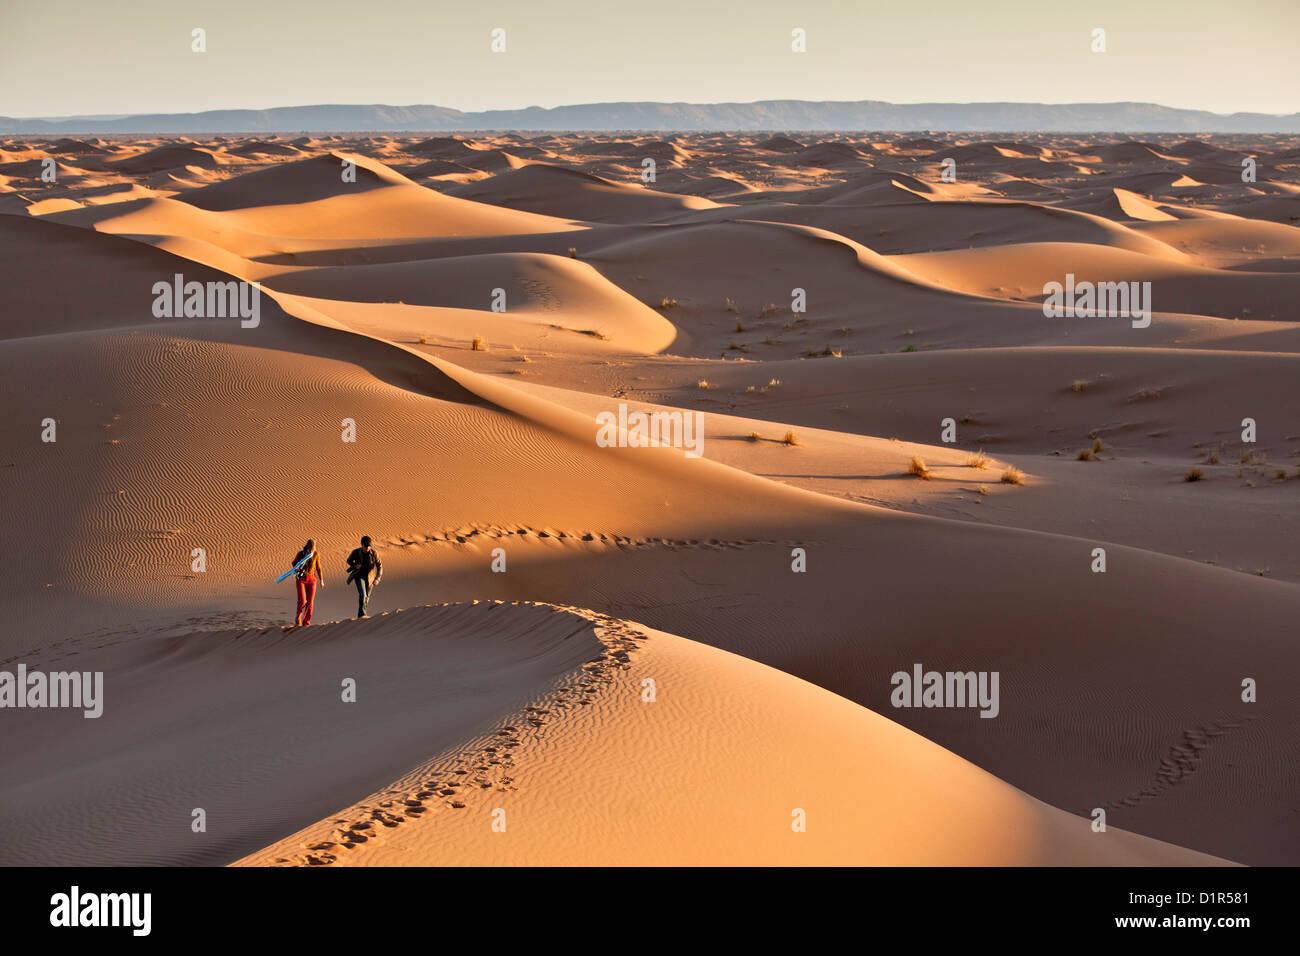 Marruecos, M'Hamid, Erg Chigaga dunas de arena. El desierto del Sahara. Los turistas en una duna de arena. Imagen De Stock